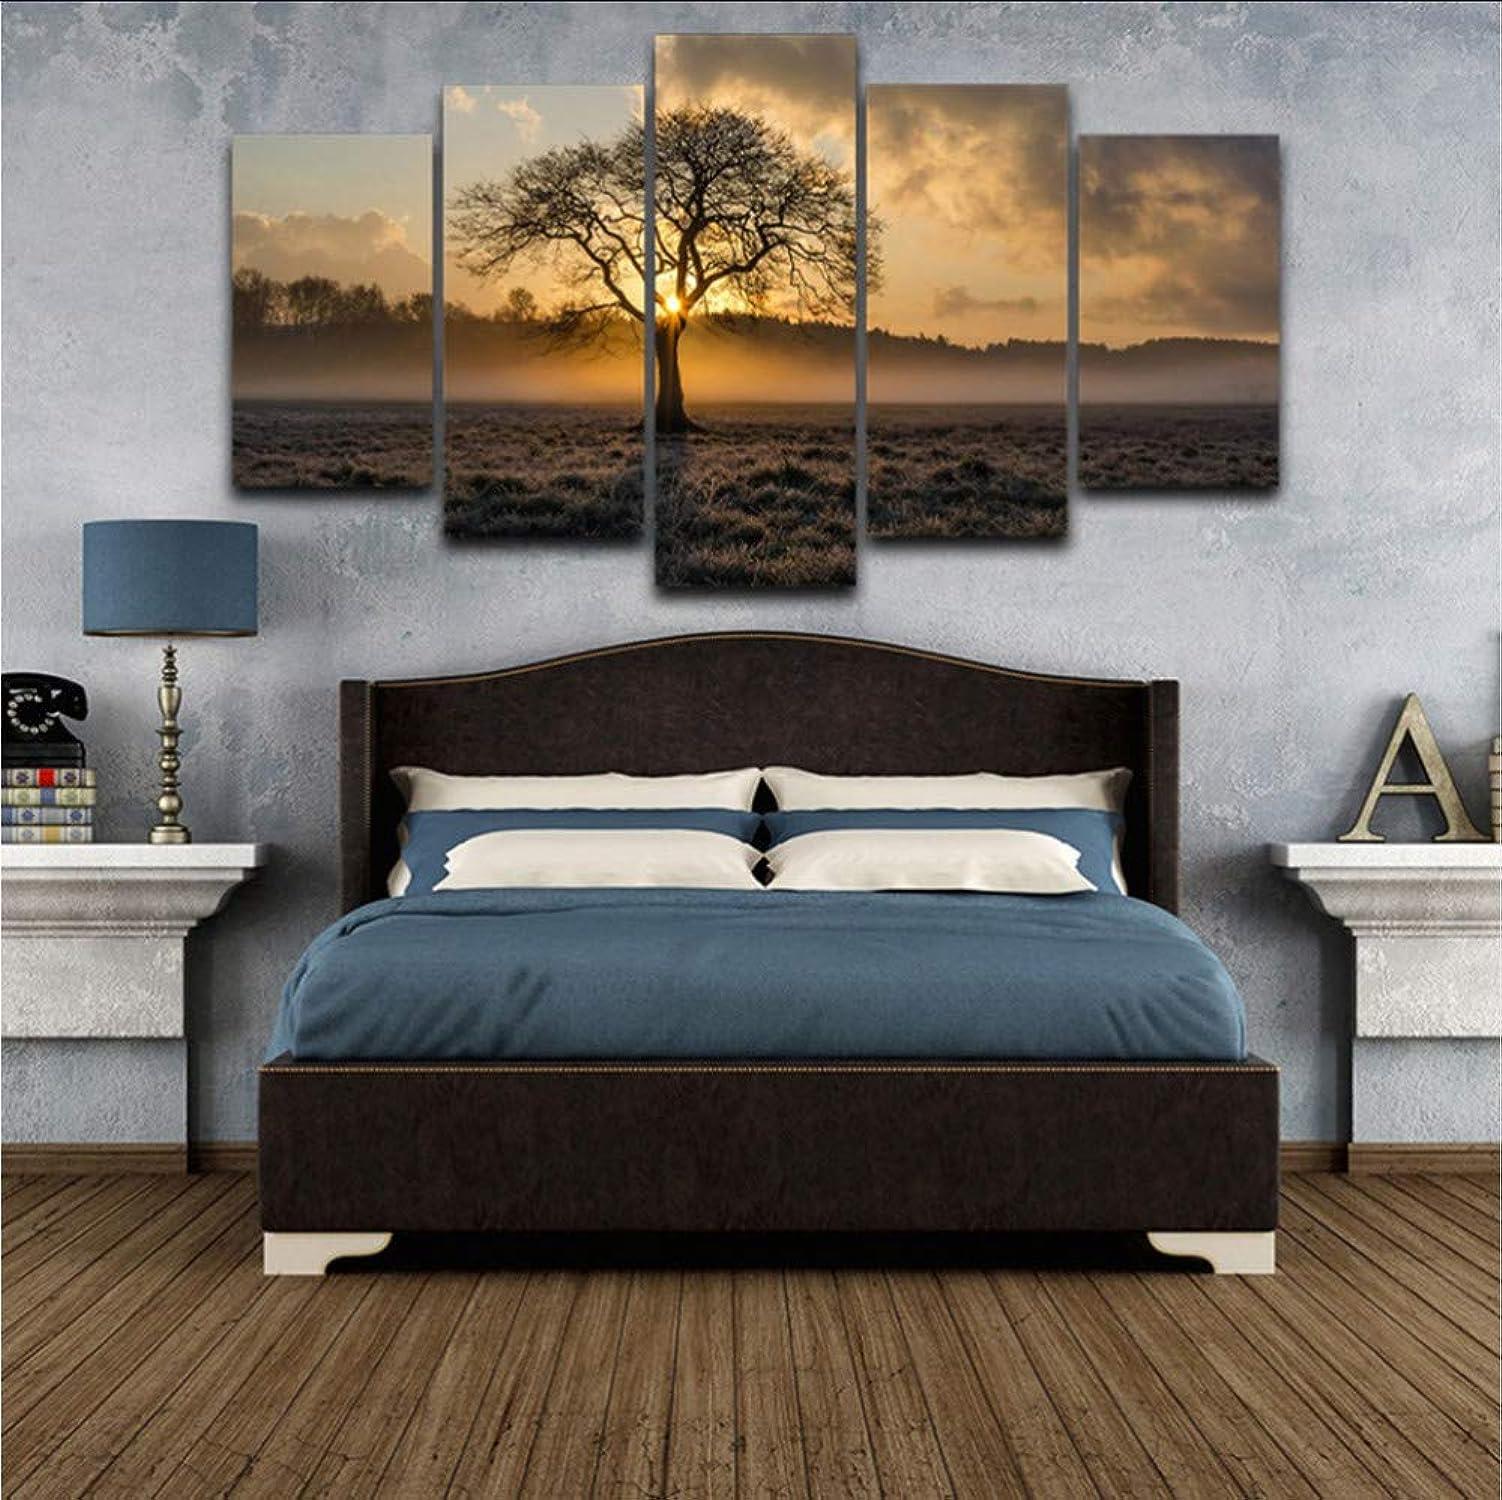 Envio gratis en todas las ordenes Ljtao Pintura Decorativa Marco Modular Arte Arte Arte De La Parojo Imágenes 5 Panel Amanecer árbol Paisaje para Salón Dormitorio Impresiones Lienzo Cuadros-20Cmx35 45 55Cm-Frame  Entrega rápida y envío gratis en todos los pedidos.